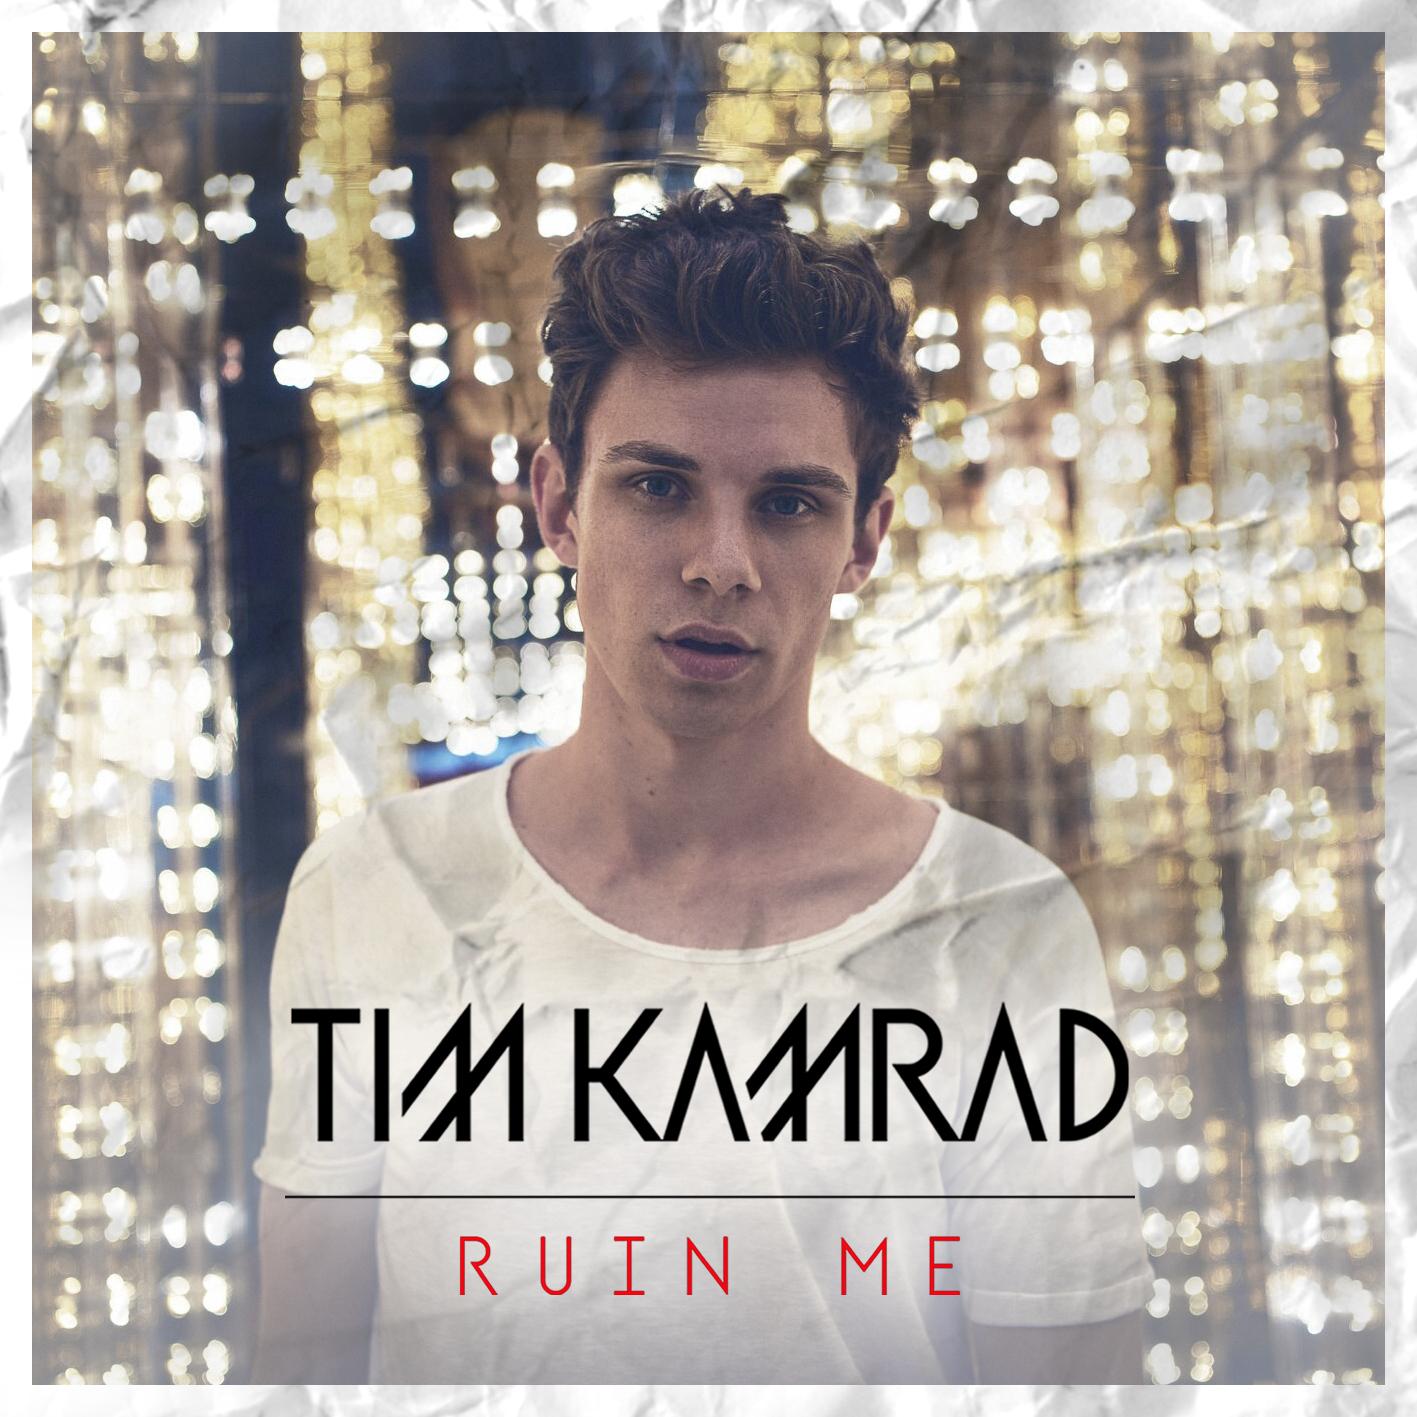 Tim Kamrad - Ruin Me